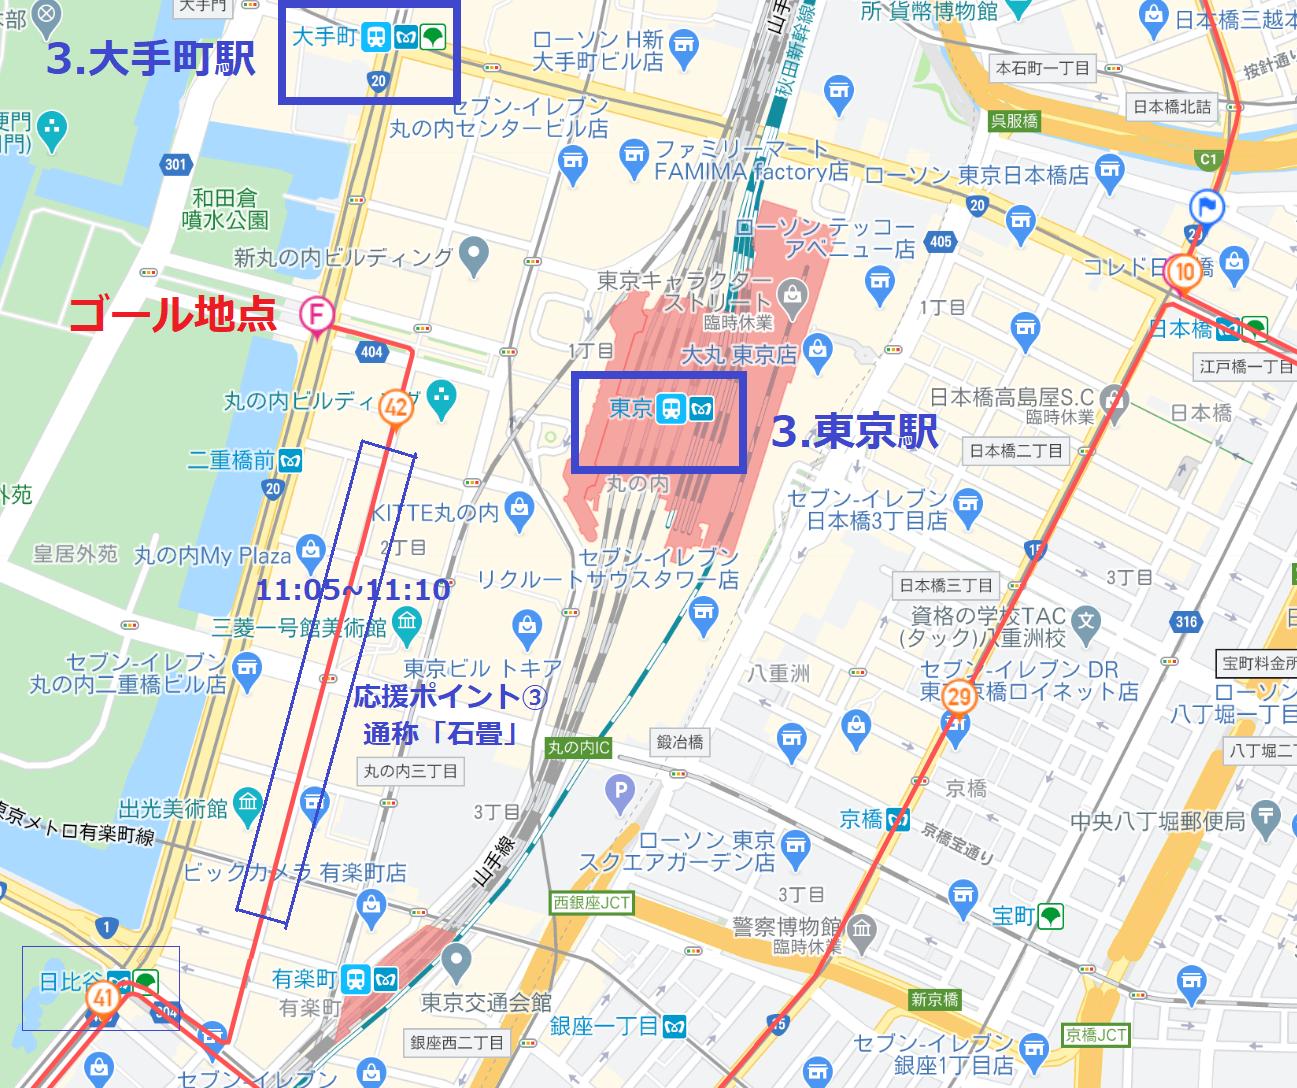 東京マラソントップランナー応援ポイント③大手町駅・東京駅・日比谷駅周辺